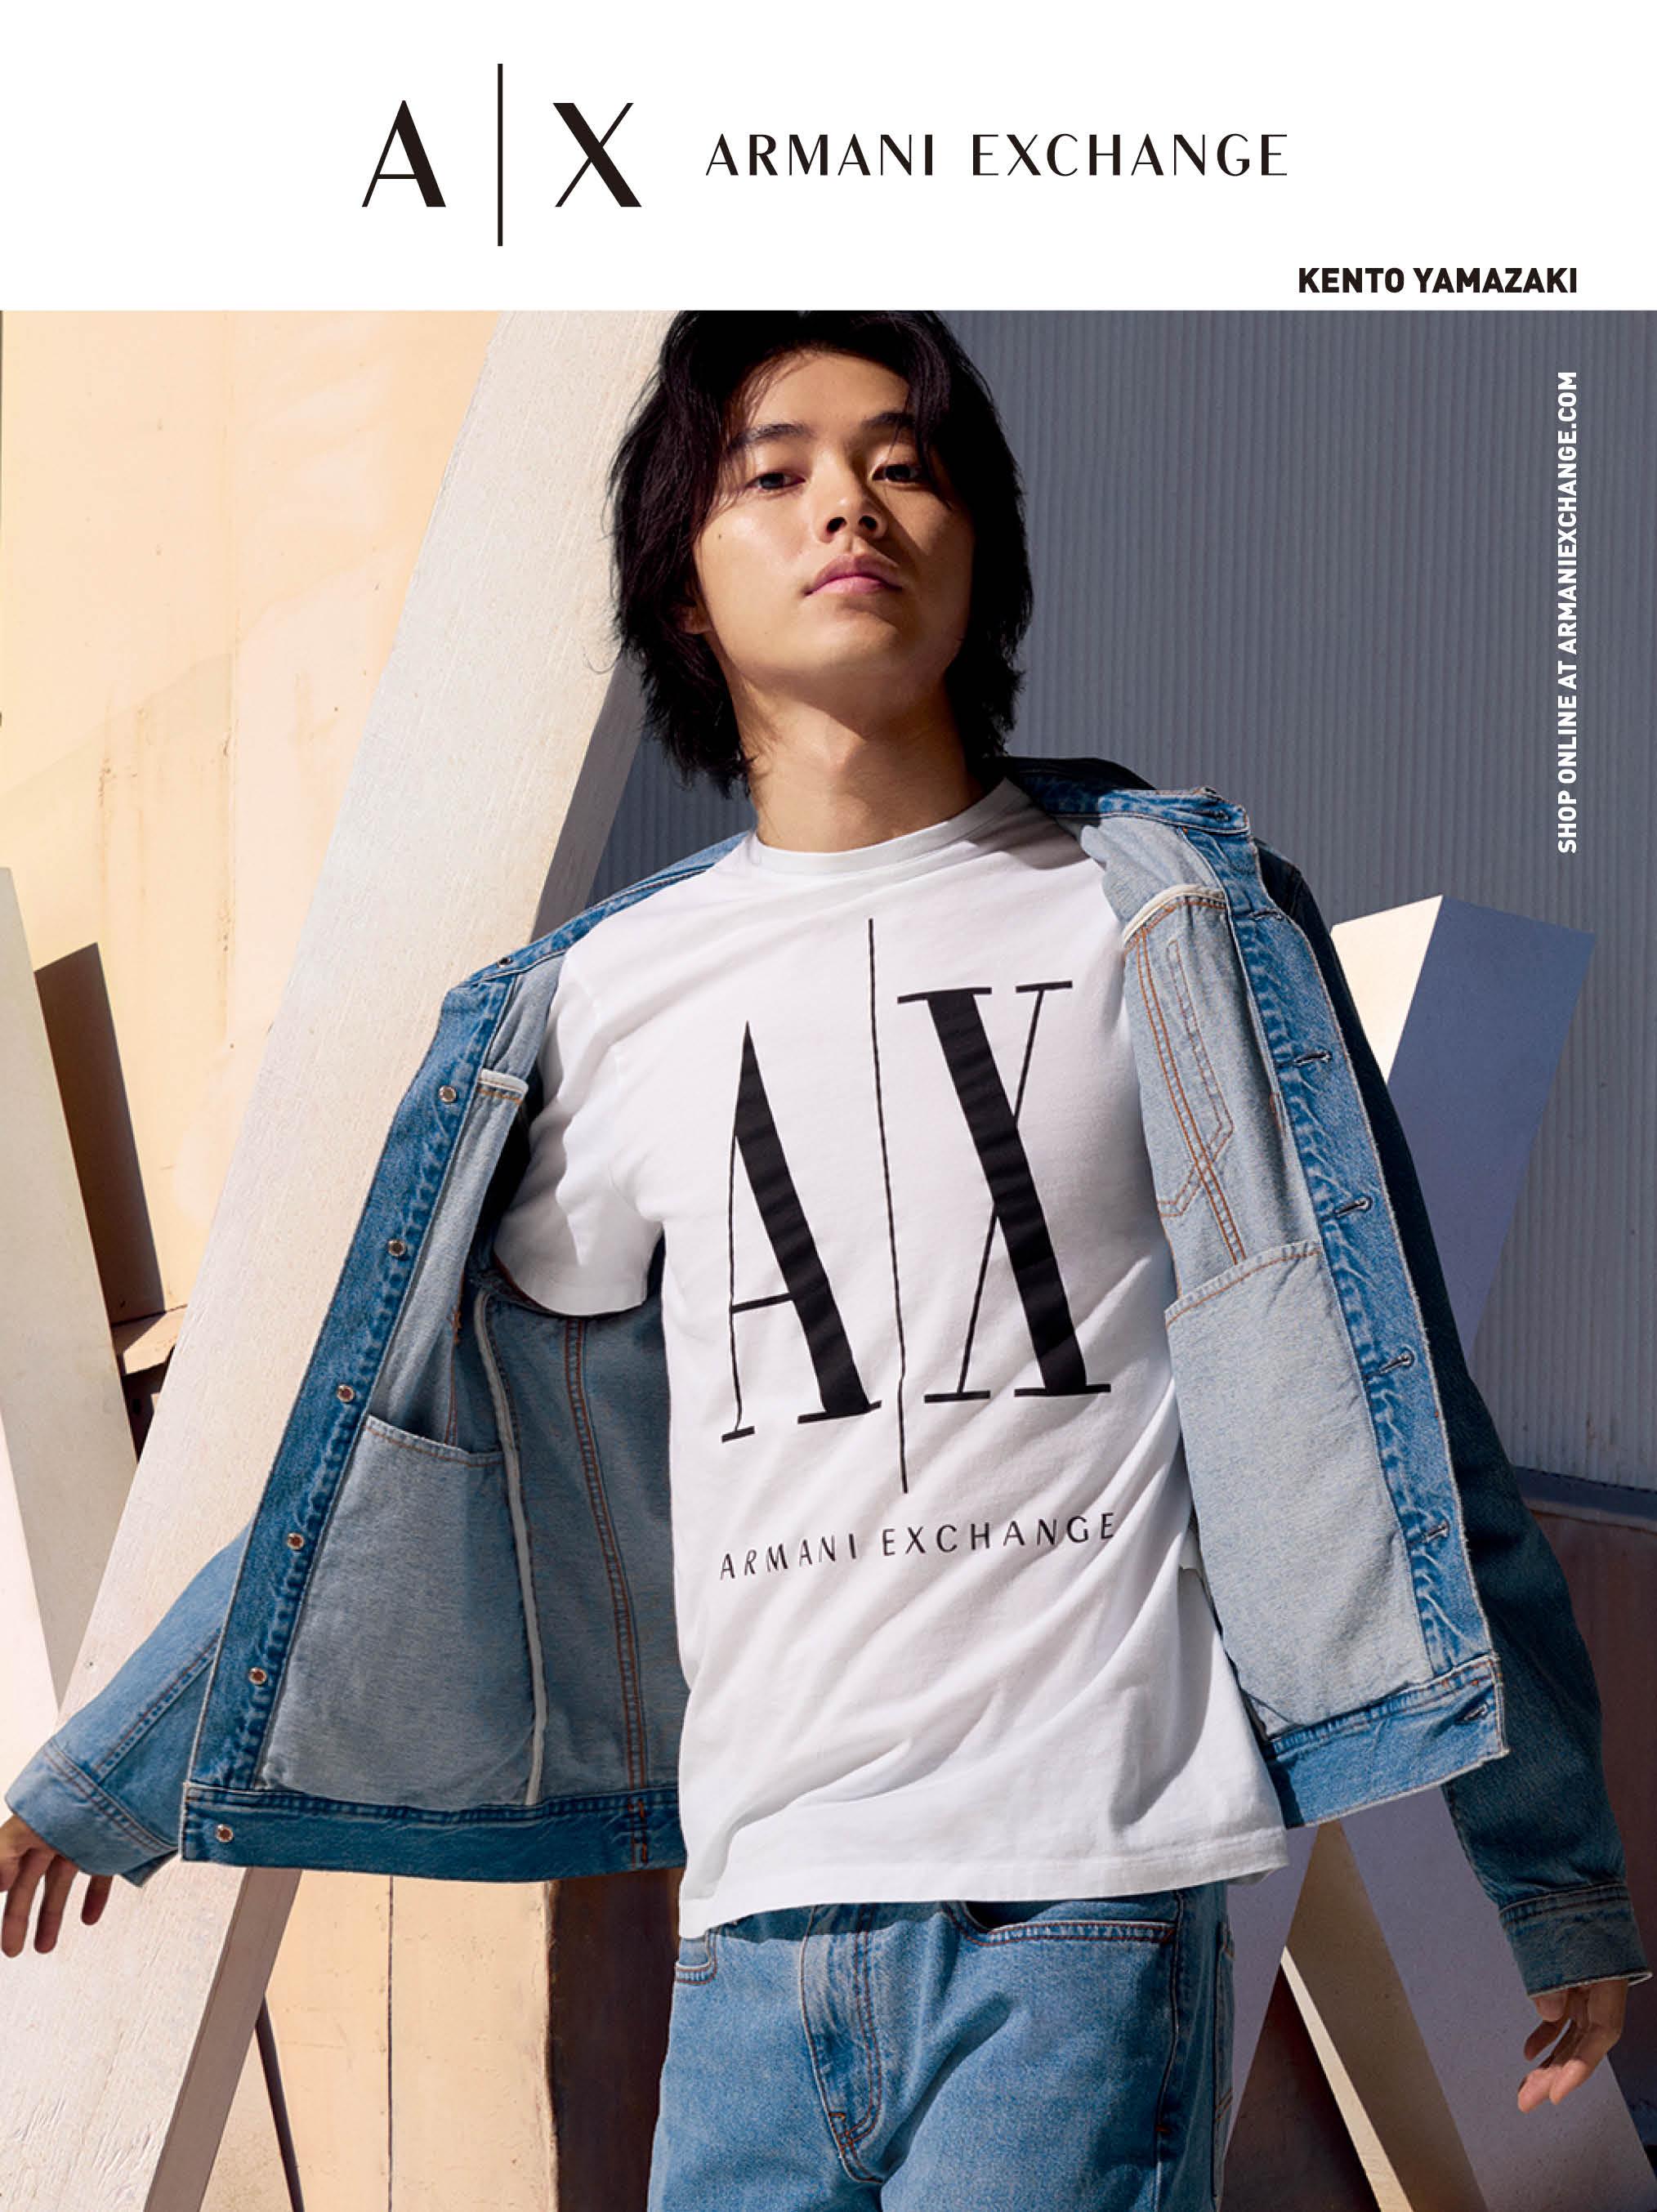 山﨑賢人さん『A|X アルマーニ エクスチェンジ』のキャンペーンモデルビジュアル PhotoGallery_1_2